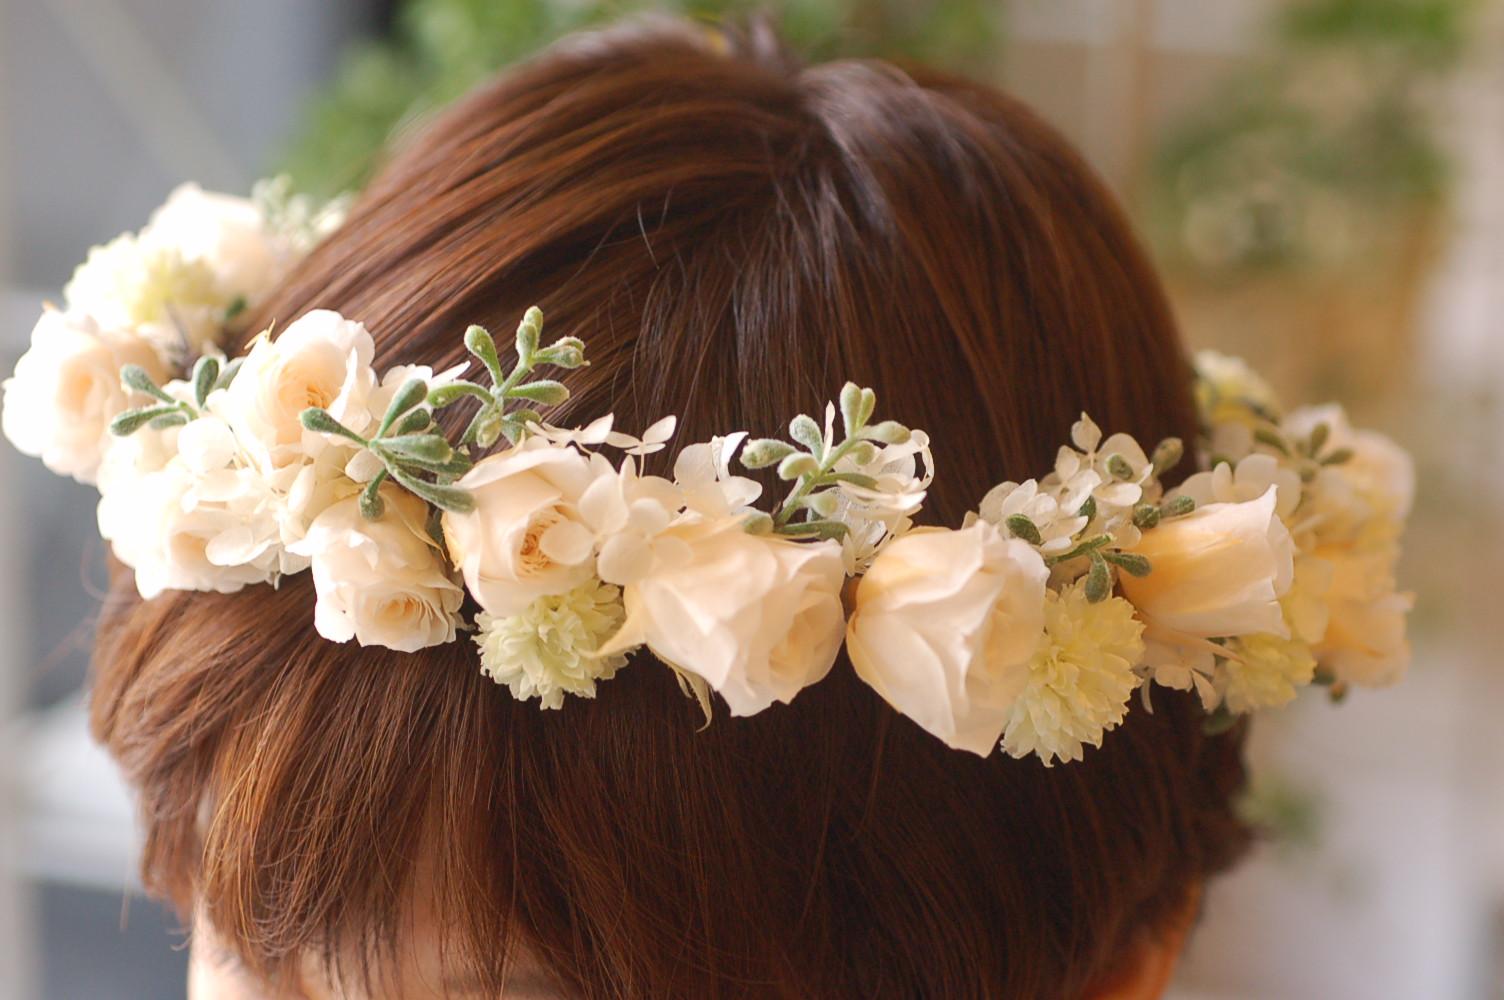 プリザーブドフラワーの花冠 ♫_a0060141_1415242.jpg